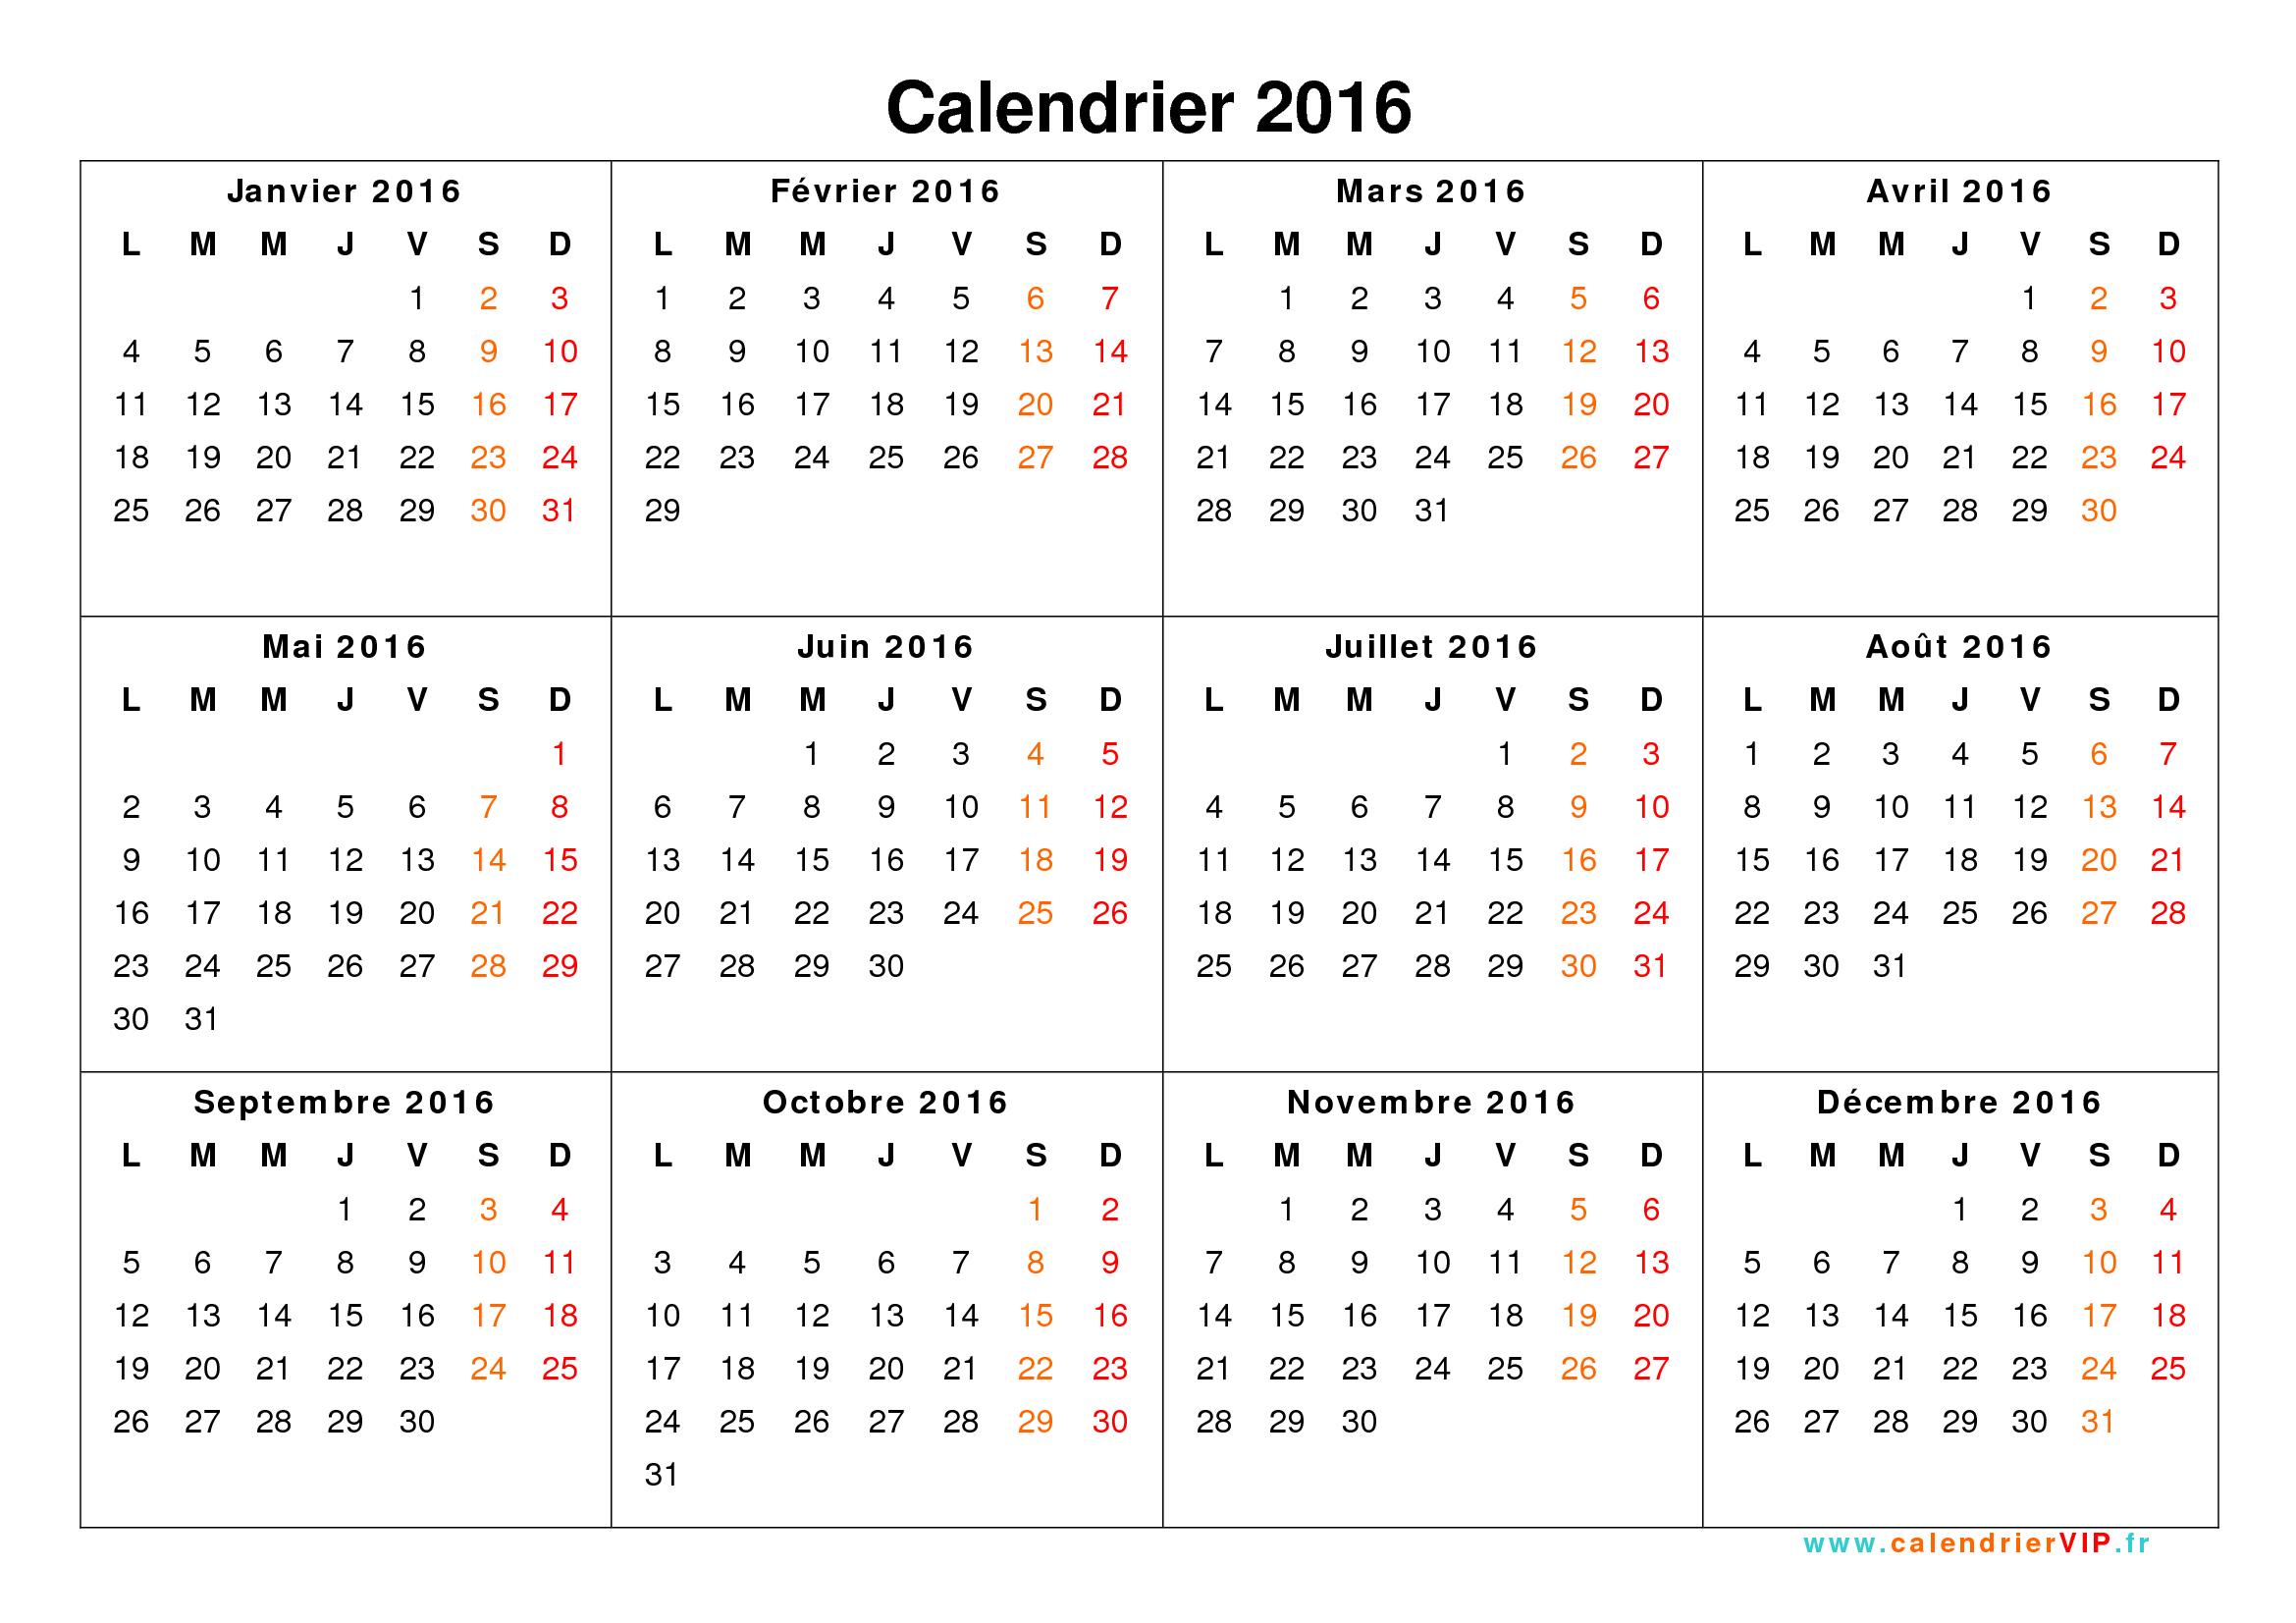 Calendrier 2016 Xls | Calendar Template 2016